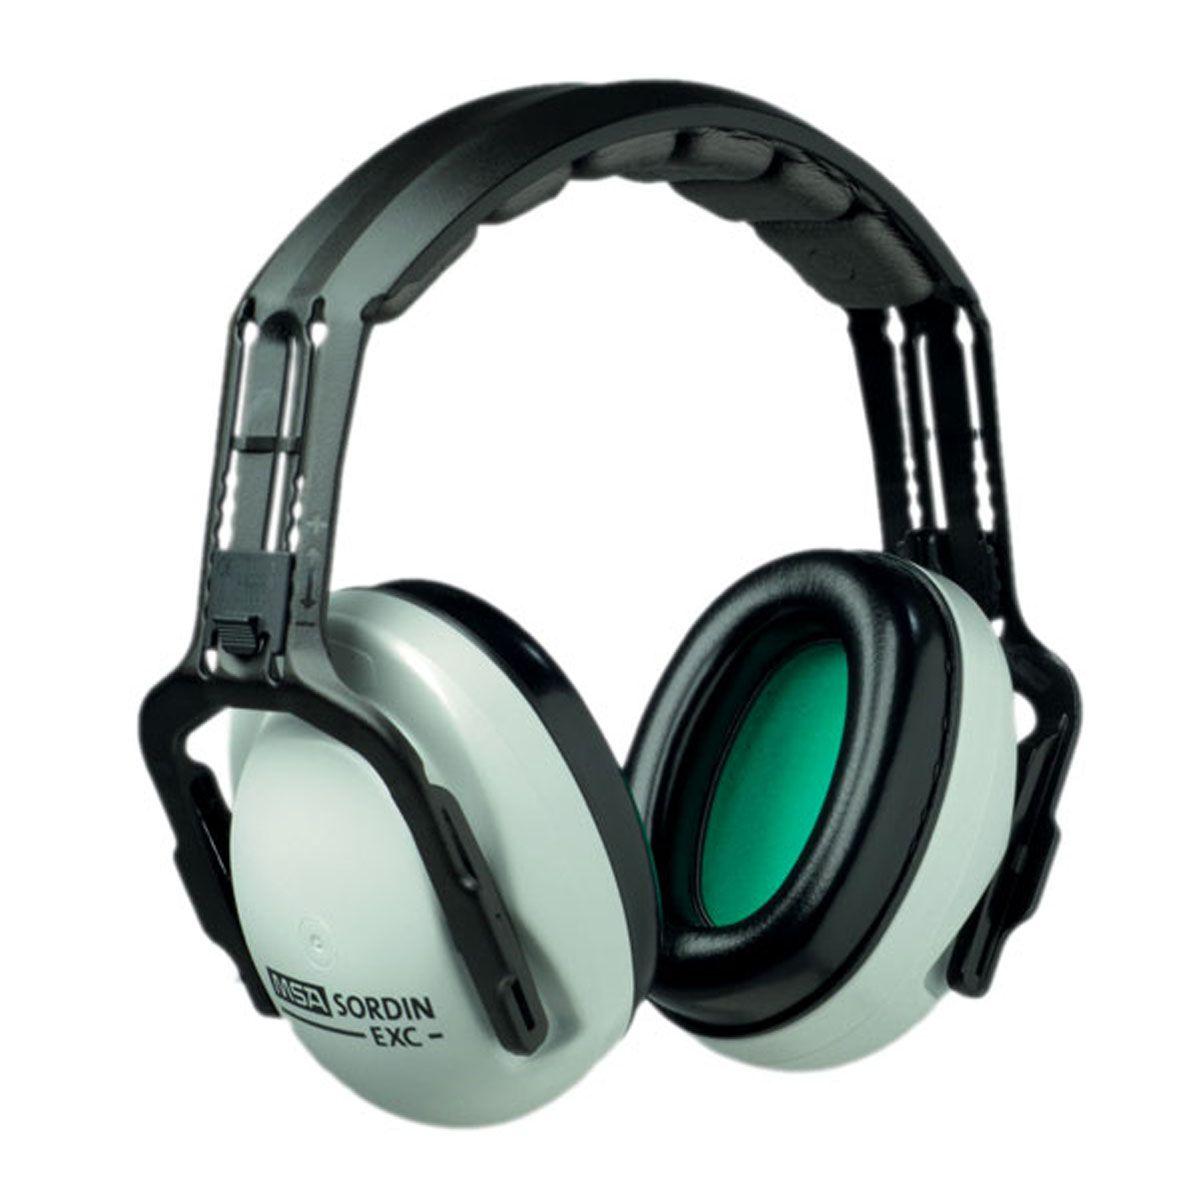 Наушники для стрельбы MSA Sordin EXC, пассивные, с креплением к каскеMHDR2G/AЭти наушники настолько удобны, что Вы не захотите с ними расставаться! Уникальные литые вкладыши обеспечивают исключительное шумоподавление и максимальный комфорт. EXC пригодны для всех областей применения, требующих защиты органов слуха.EN 352-1, EN 352-3С держателем: акустическая эффективность 27 дБ, В = 31, С = 24, Н = 16